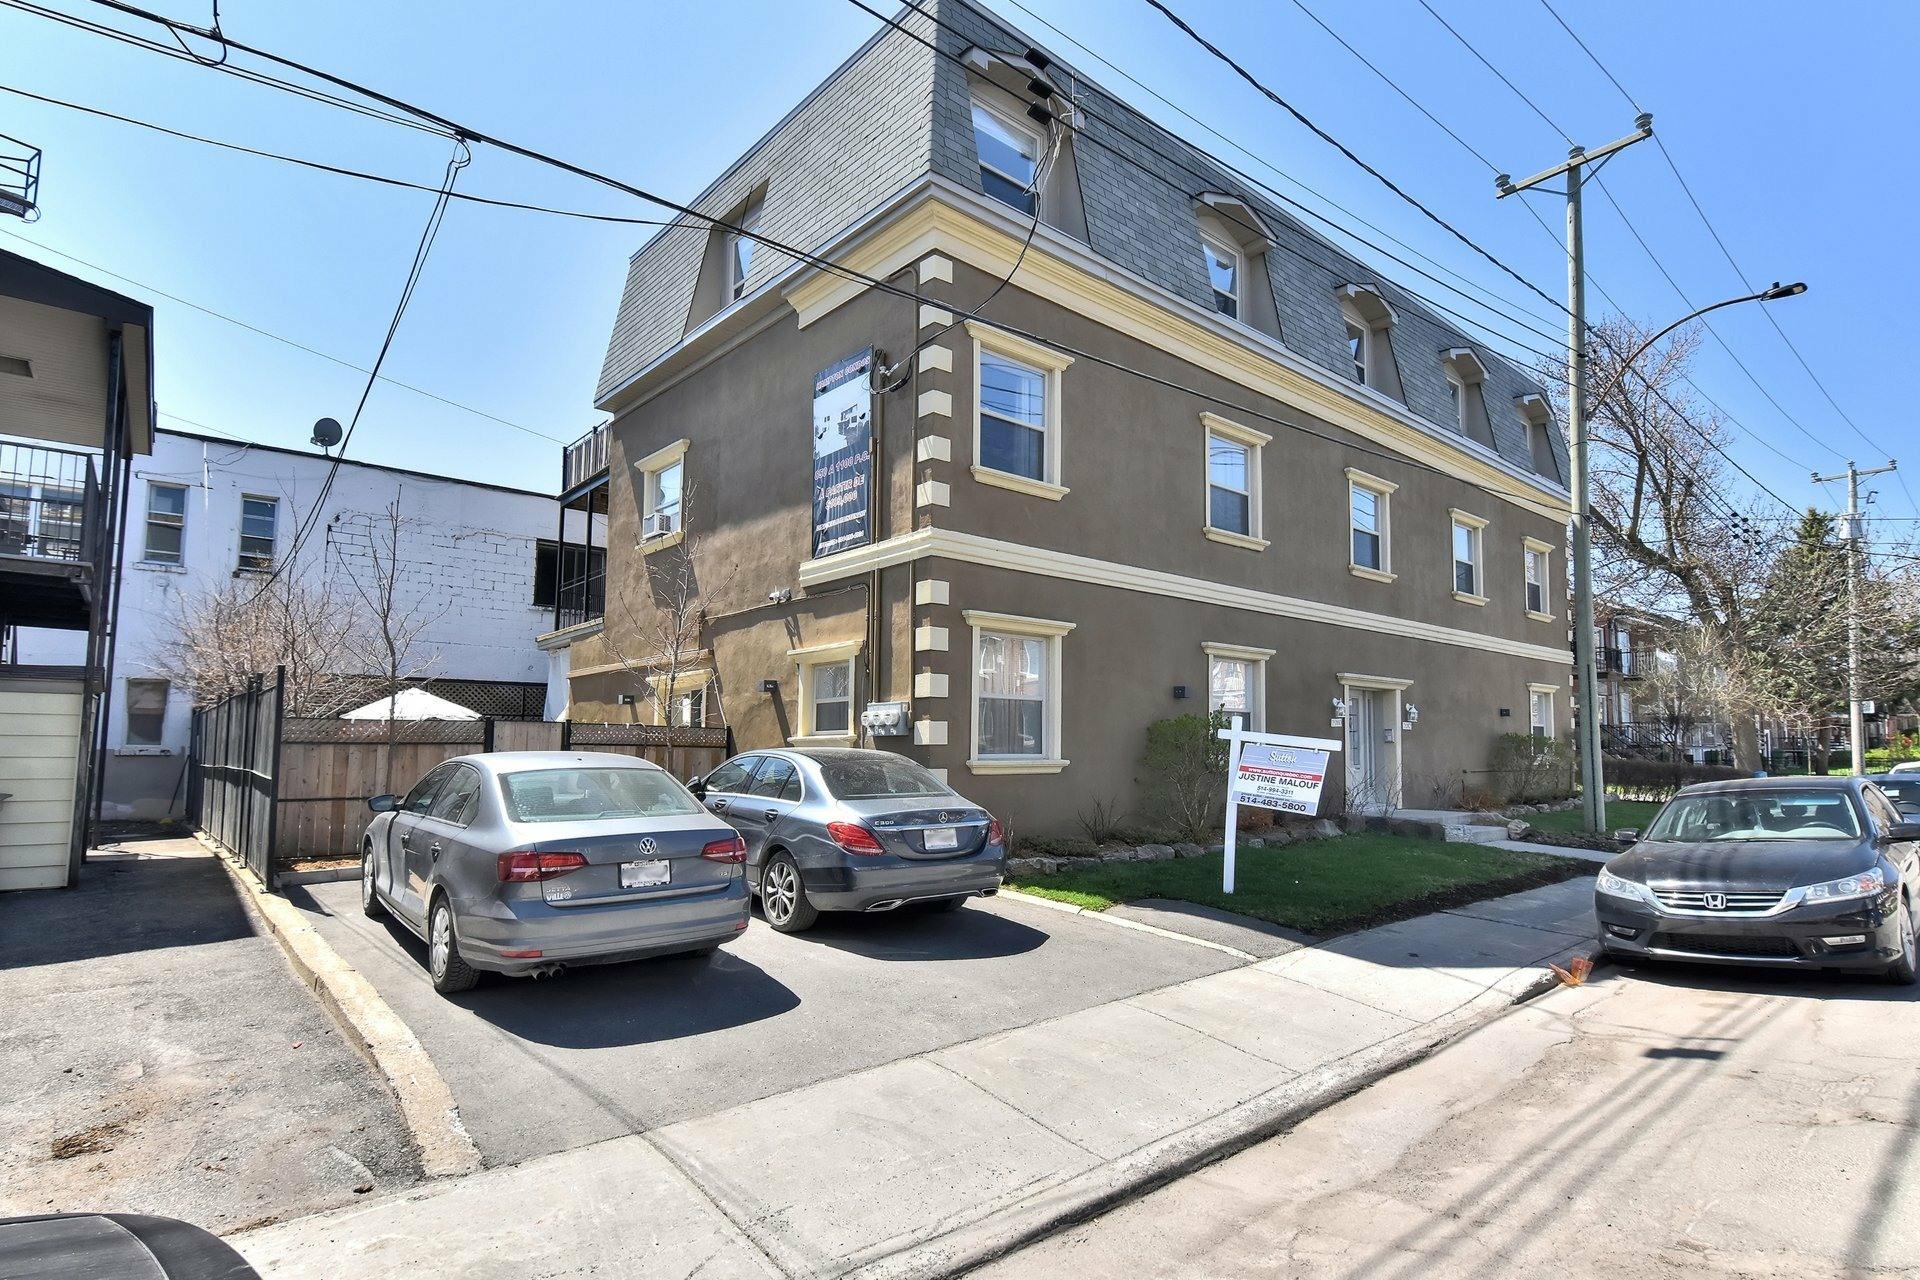 image 30 - Appartement À vendre Côte-des-Neiges/Notre-Dame-de-Grâce Montréal  - 5 pièces